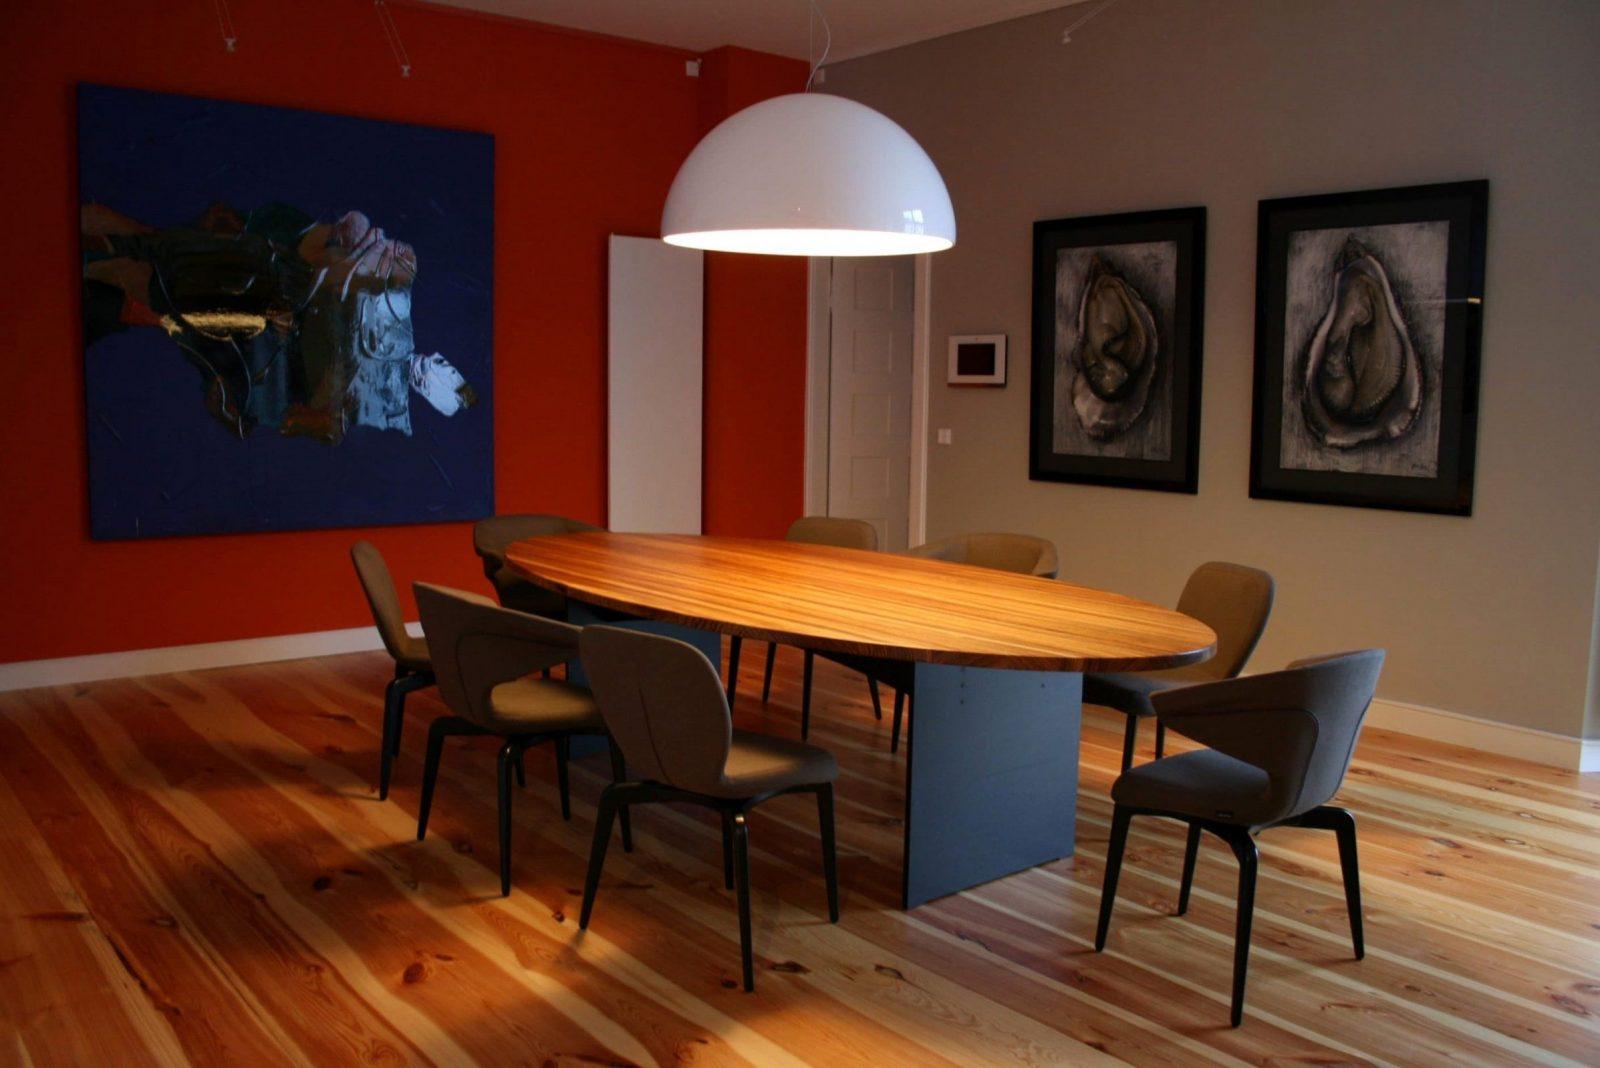 Beste Esstisch 8 Personen Für Deine Inspiration  Esstische Ideen von Tisch Für 8 Personen Photo